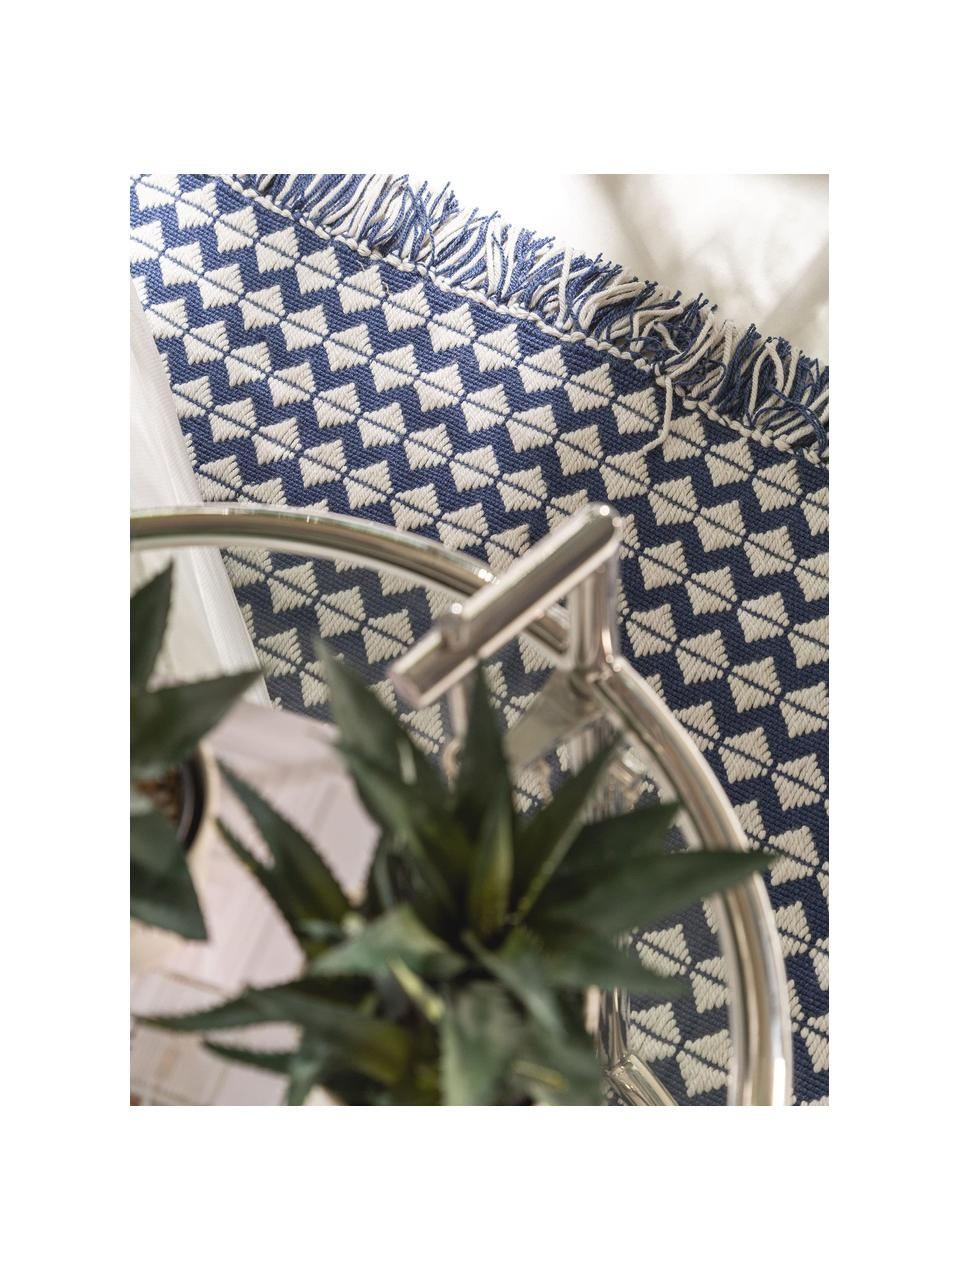 Dywan wewnętrzny/zewnętrzny z frędzlami Morty, 100% poliester (tworzywo PET z recyklingu), Ciemny niebieski, złamana biel, S 160 x D 230 cm (Rozmiar M)